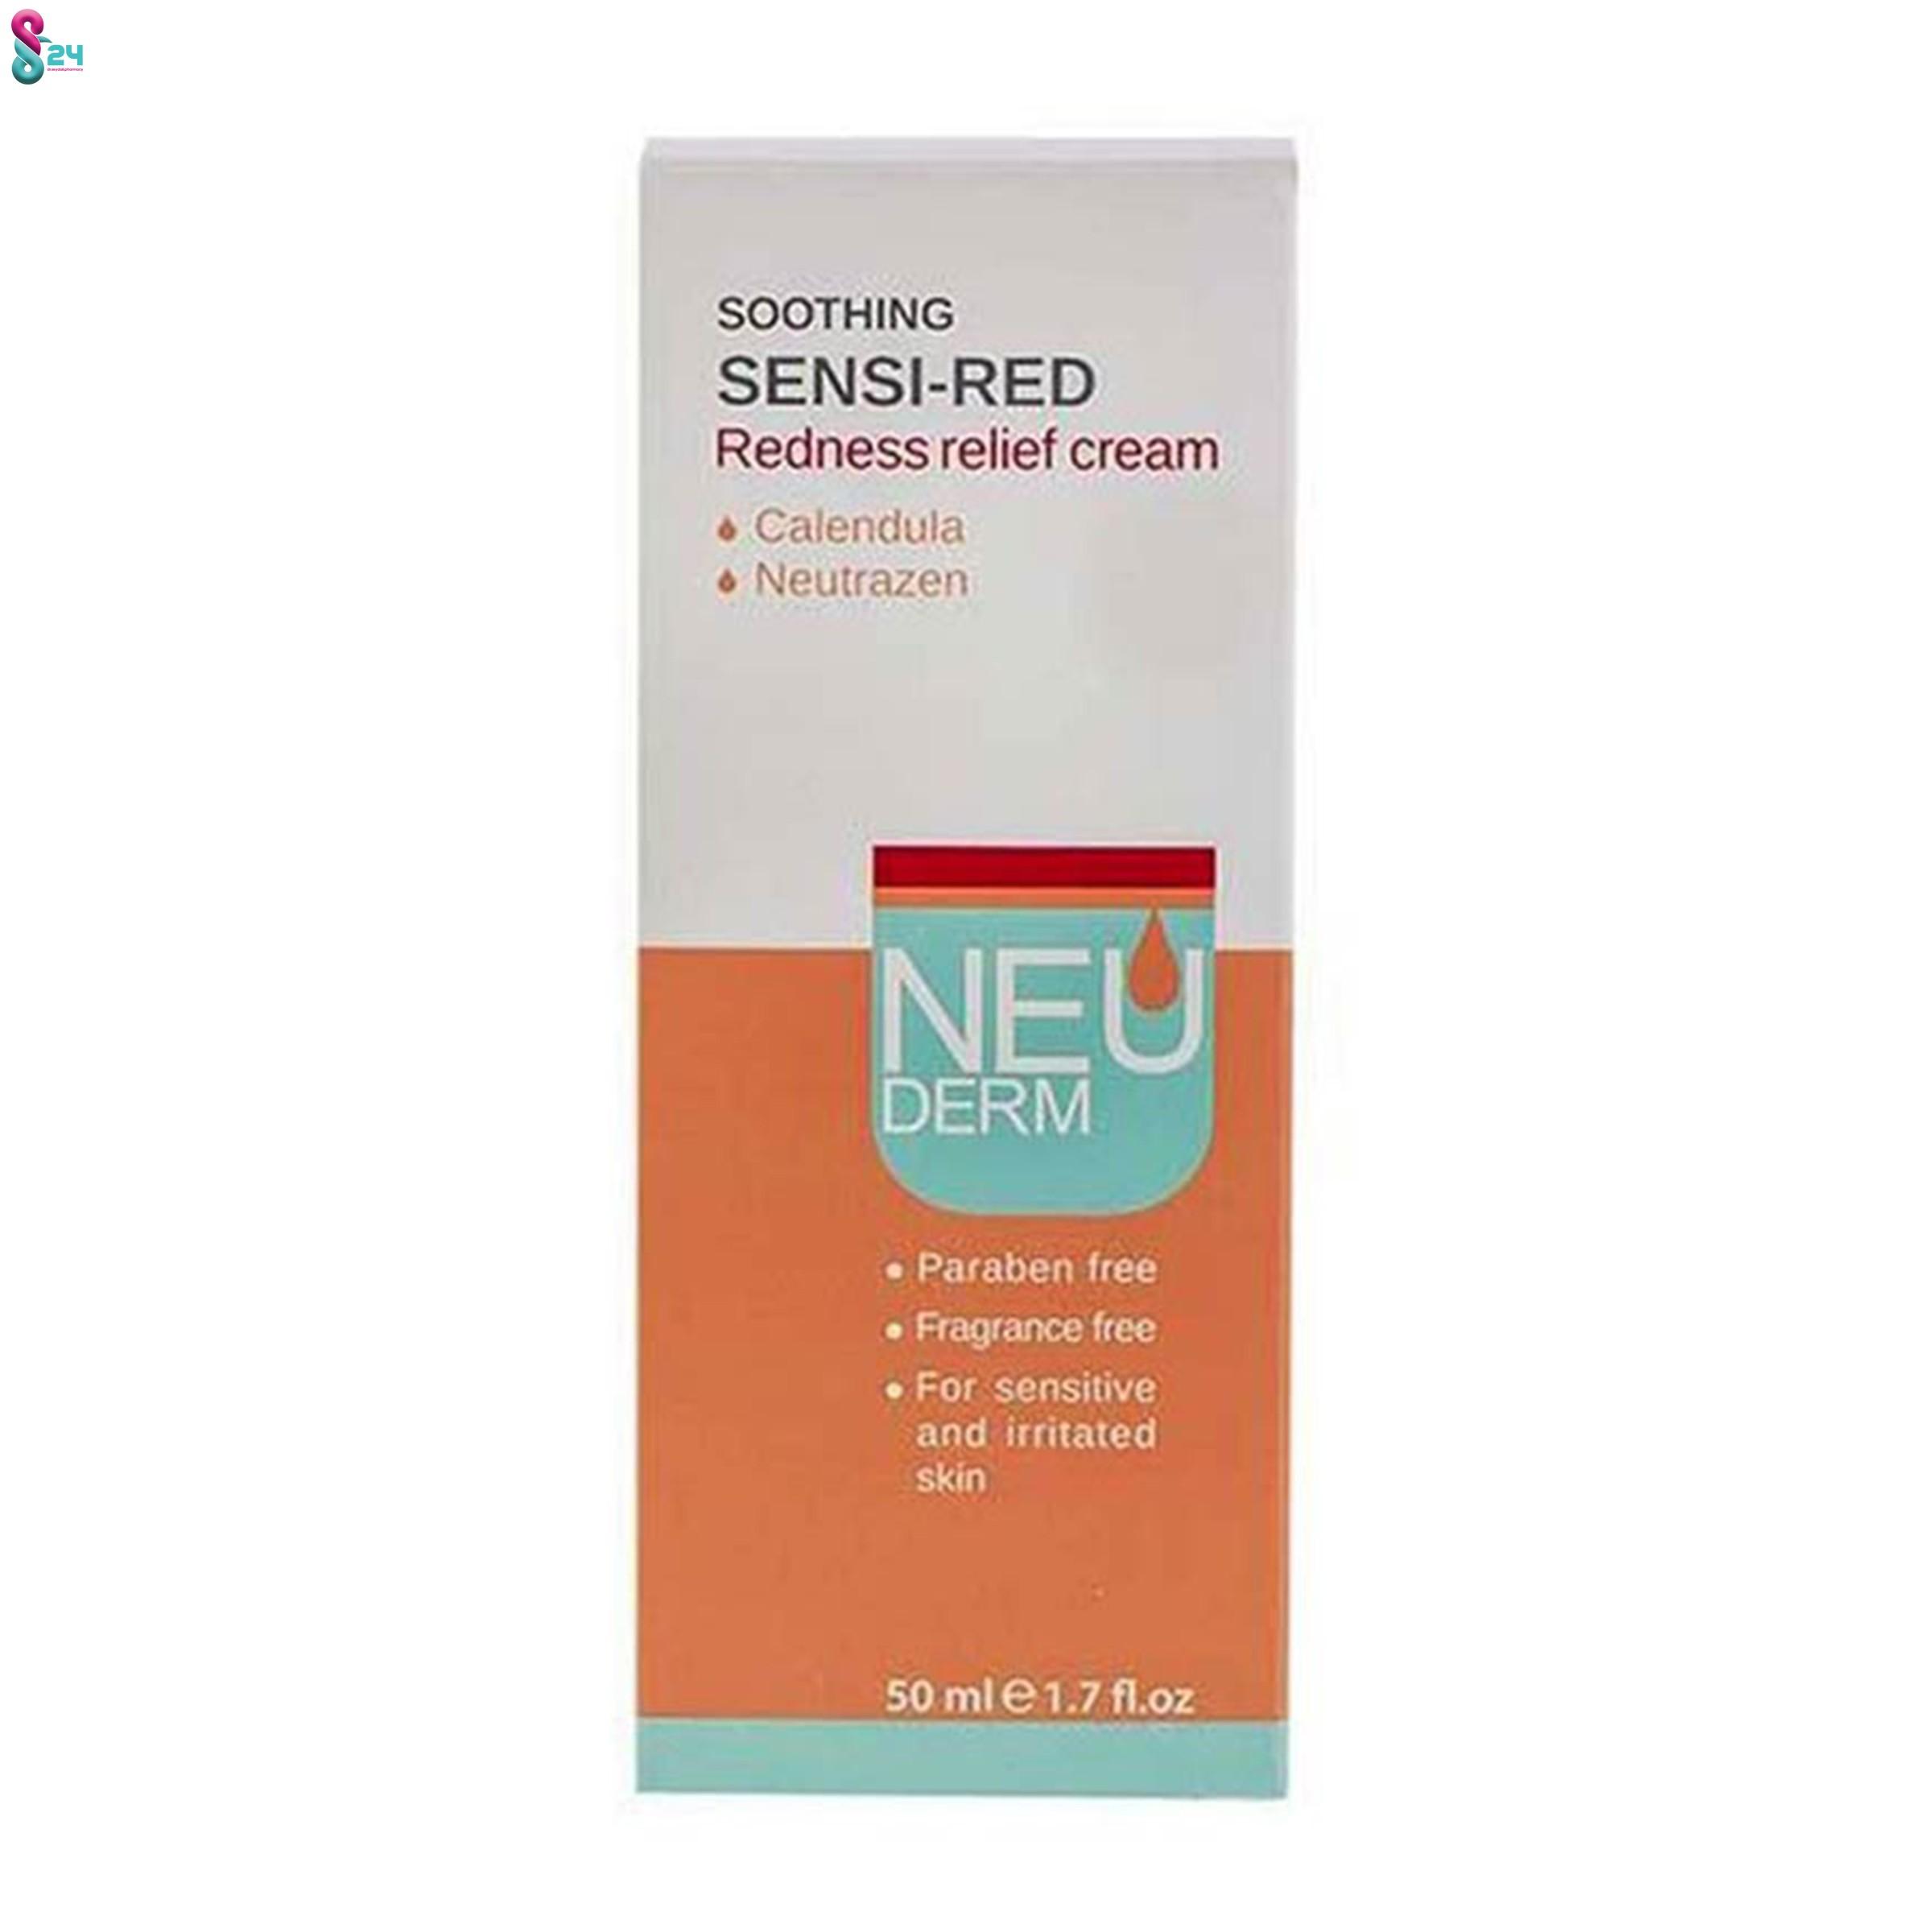 کرم ضد قرمزی سوتینگ نئودرم مناسب پوست های حساس و آسیب دیده